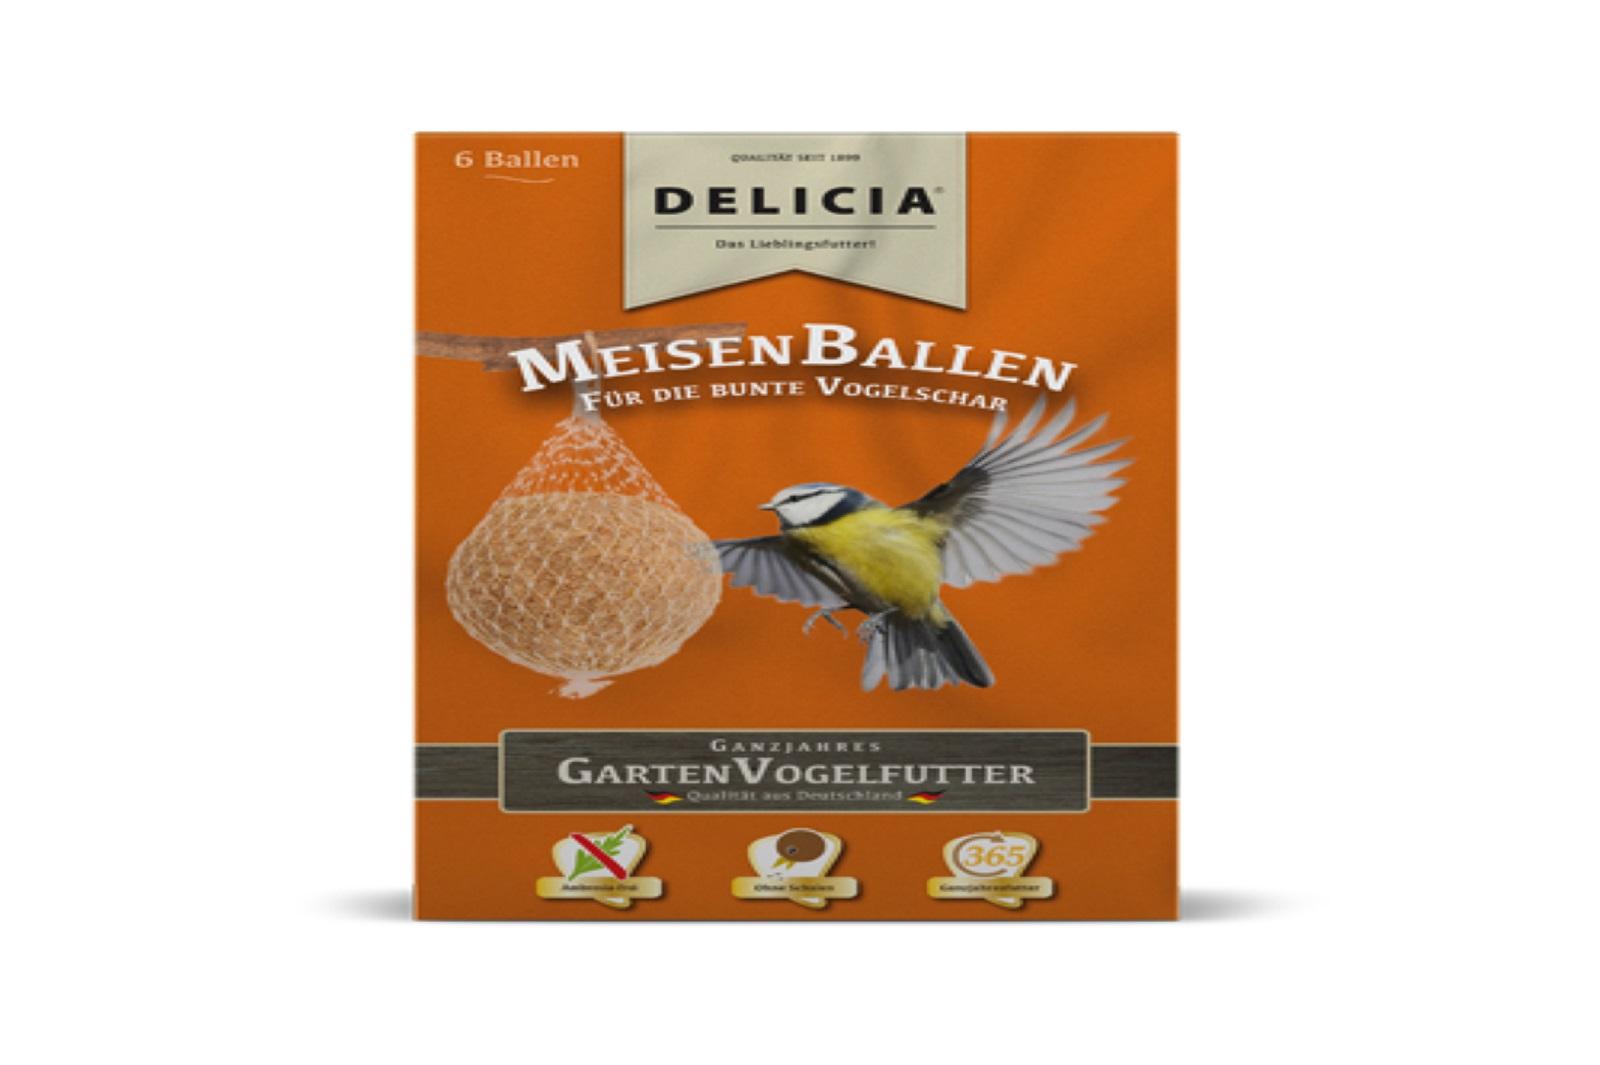 Delicia Meisenballen Vogelfutter Gartenvögel  Meisenknödel Winterfutter 6 Stück